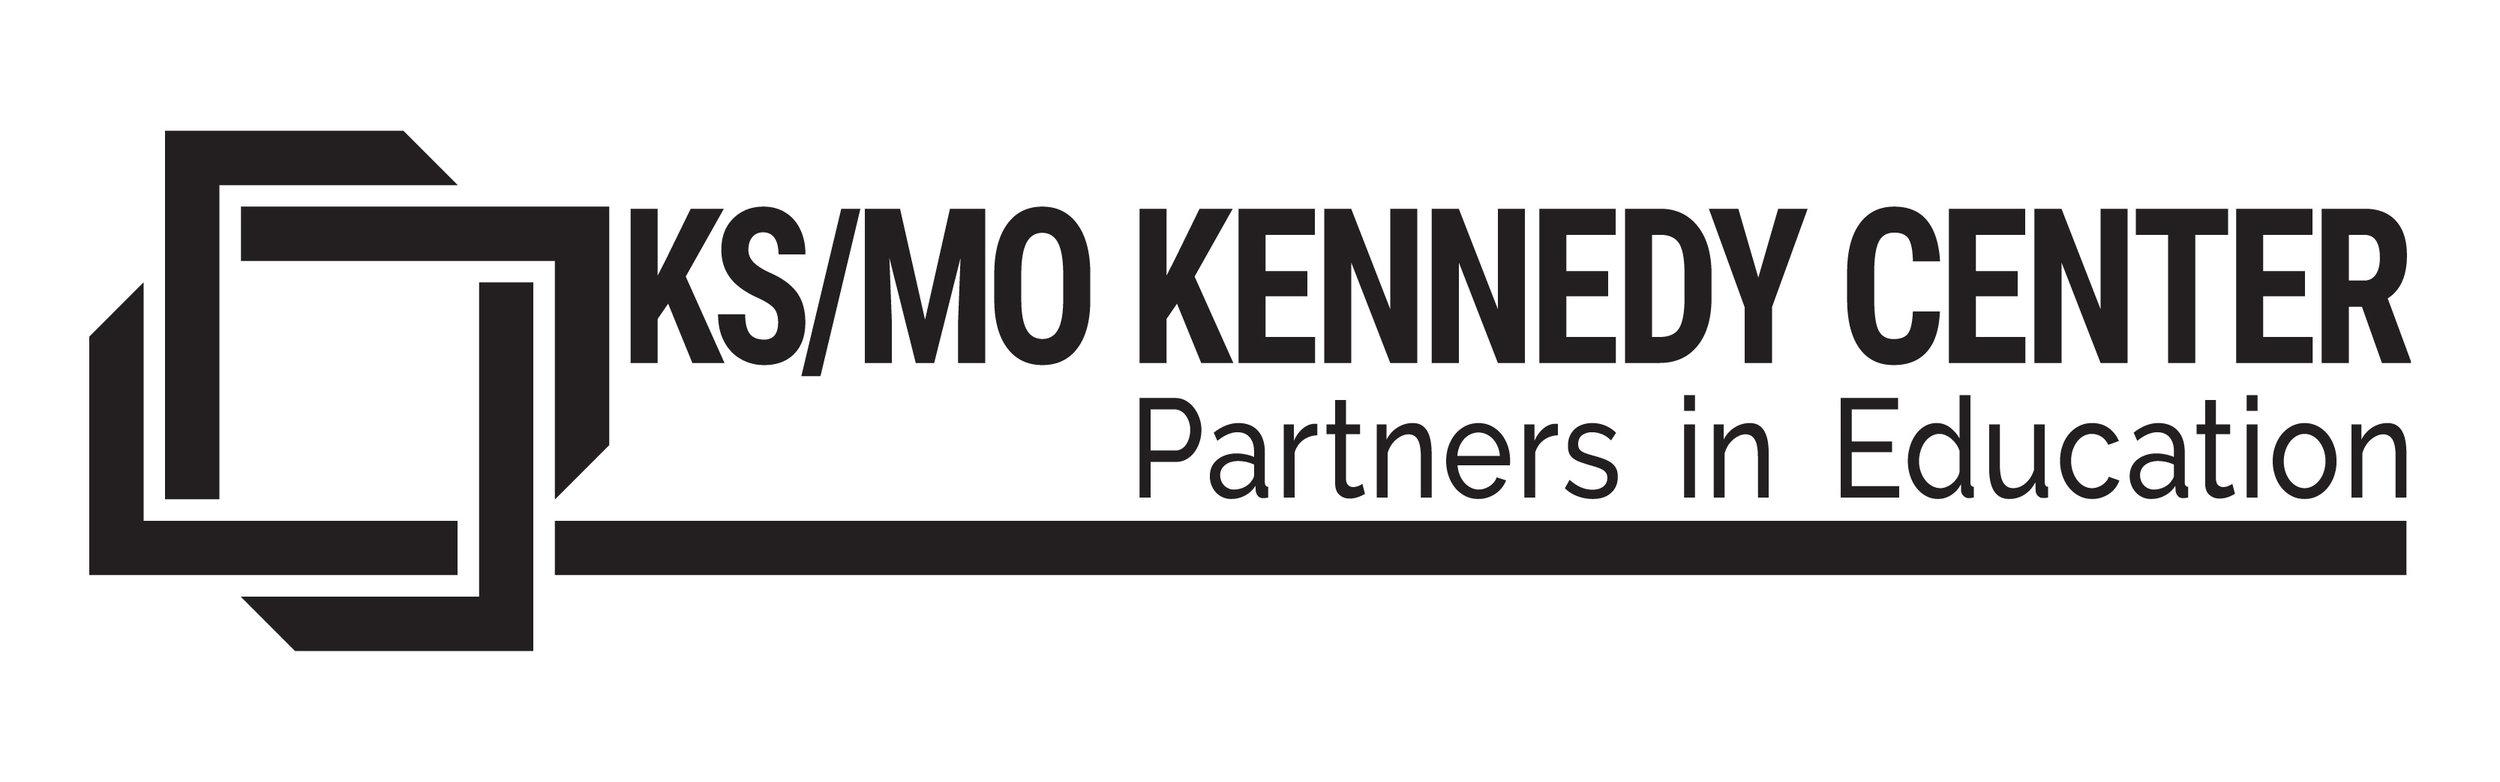 KS MO KEN CEN logo A-02.jpg